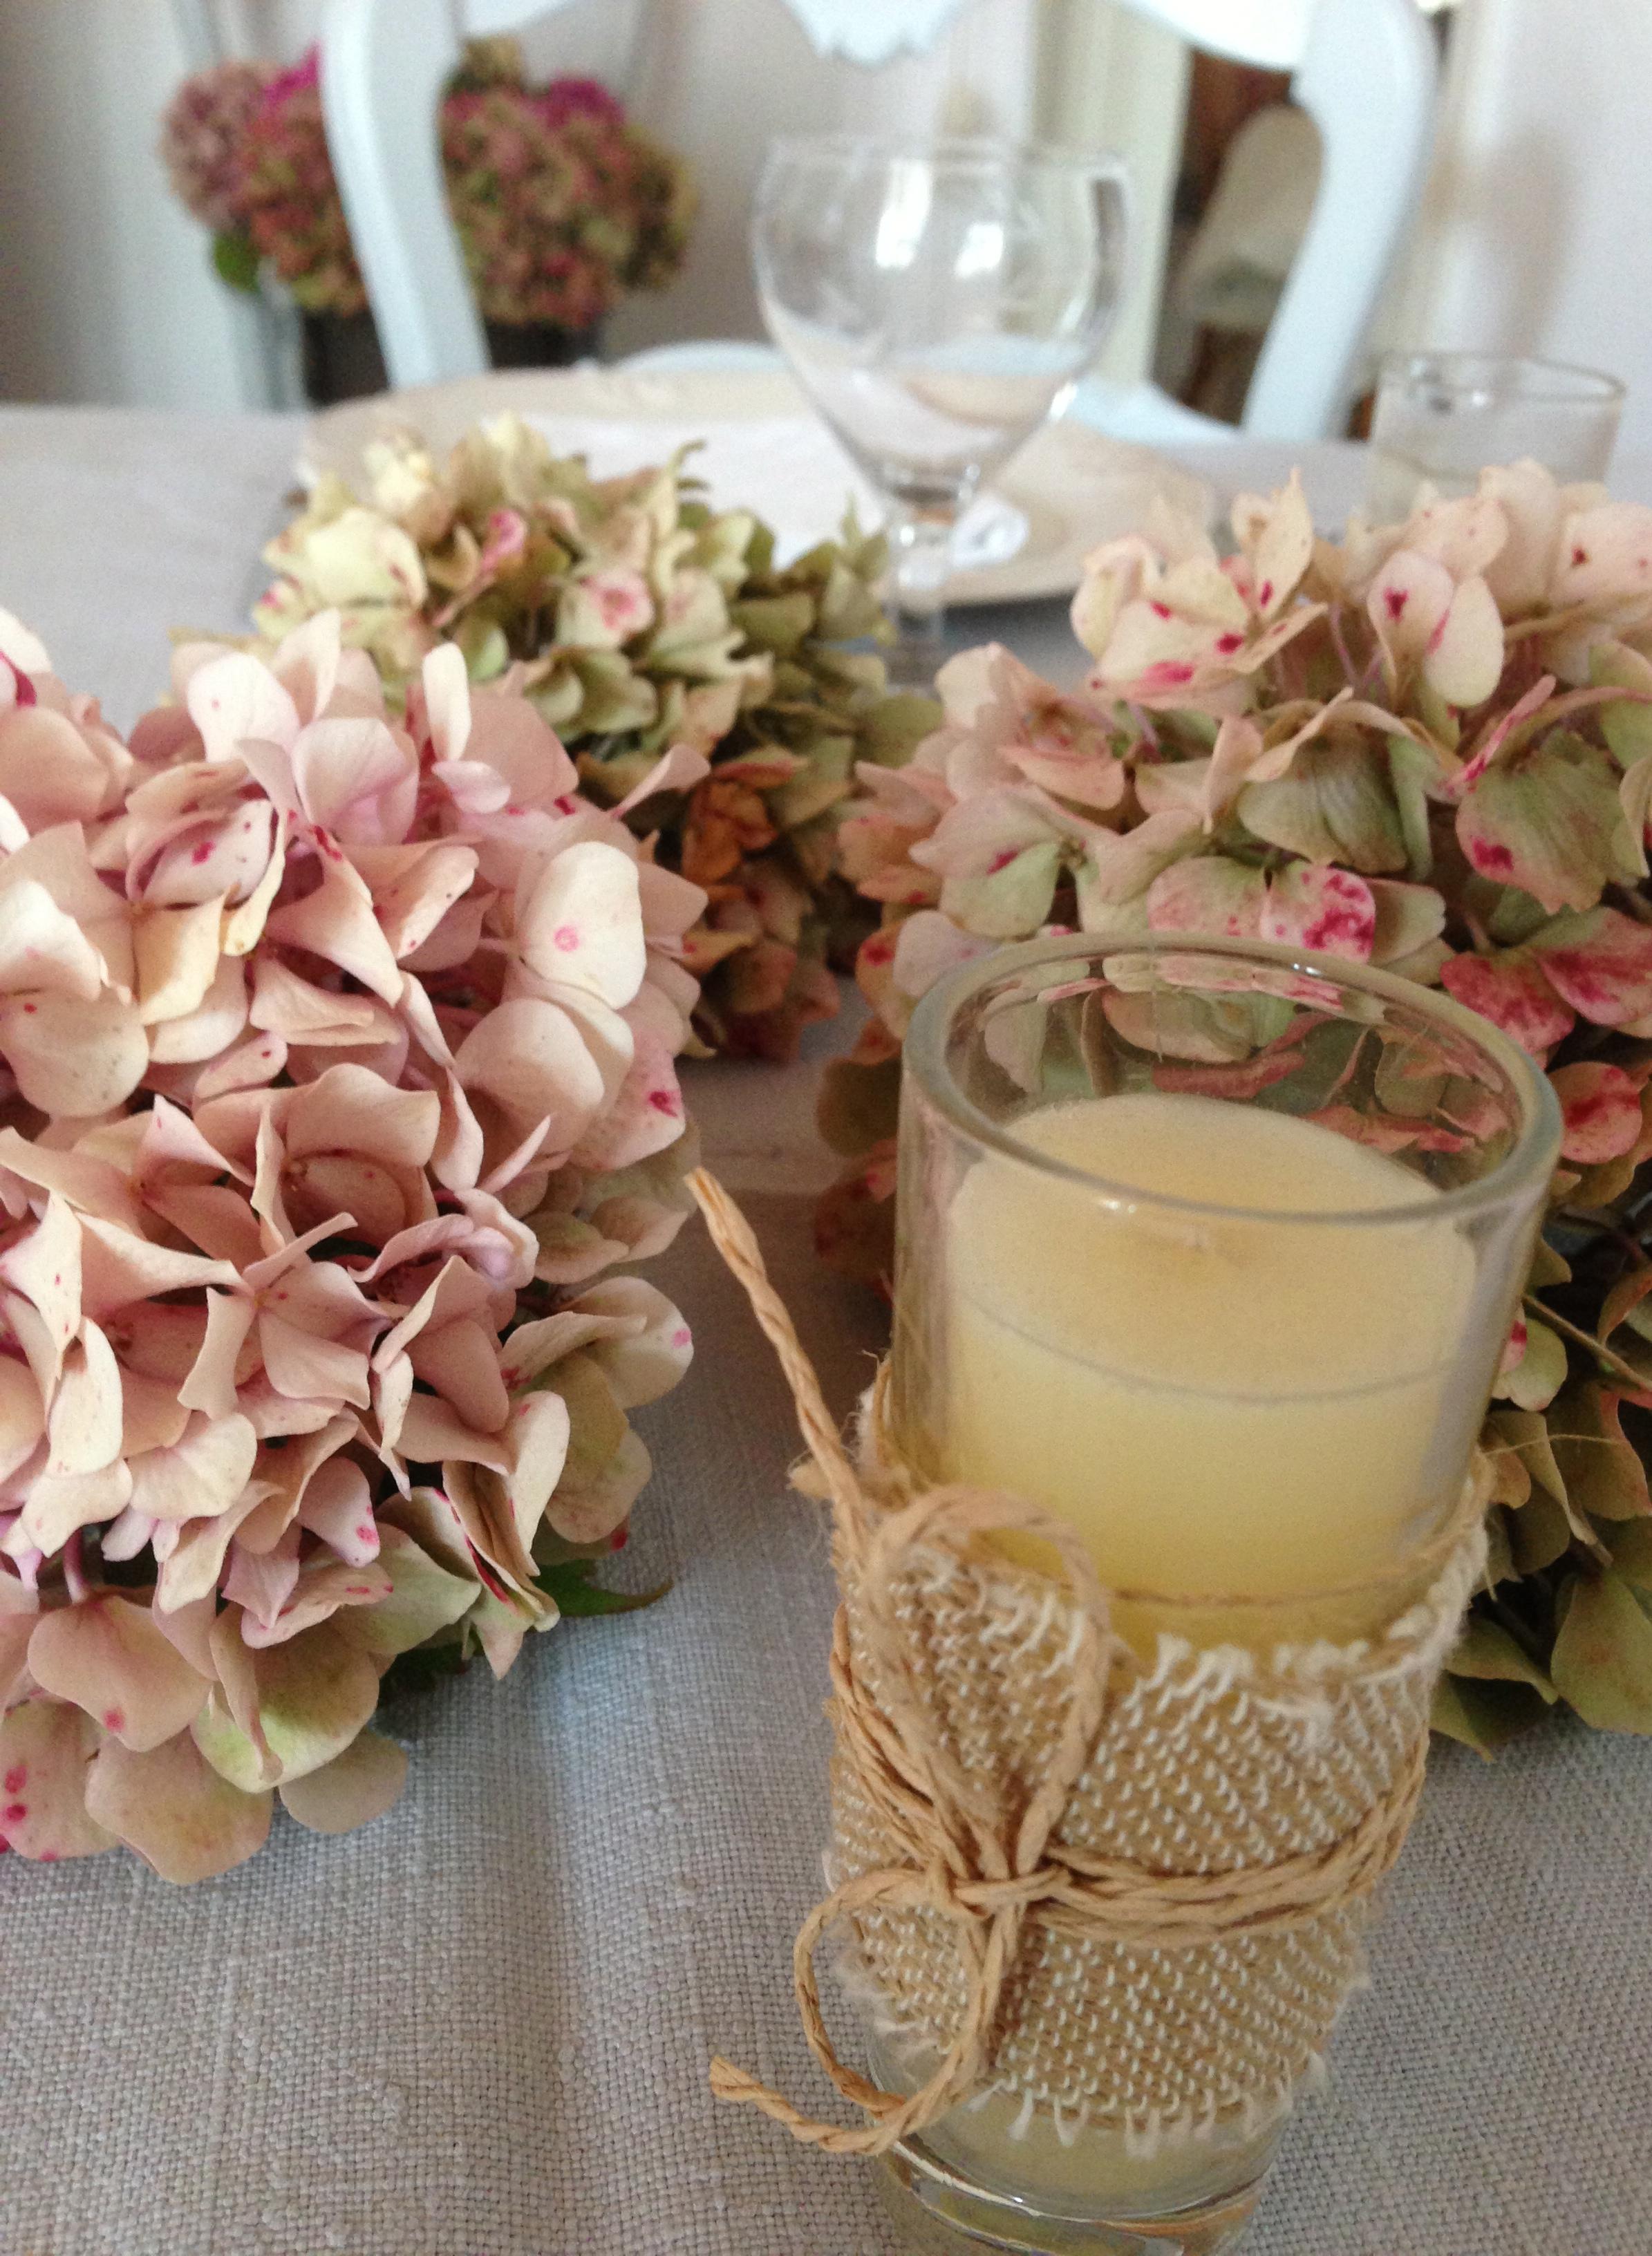 Hortensias mode d 39 emploi kath n ko - Quand couper les fleurs fanees des hortensias ...